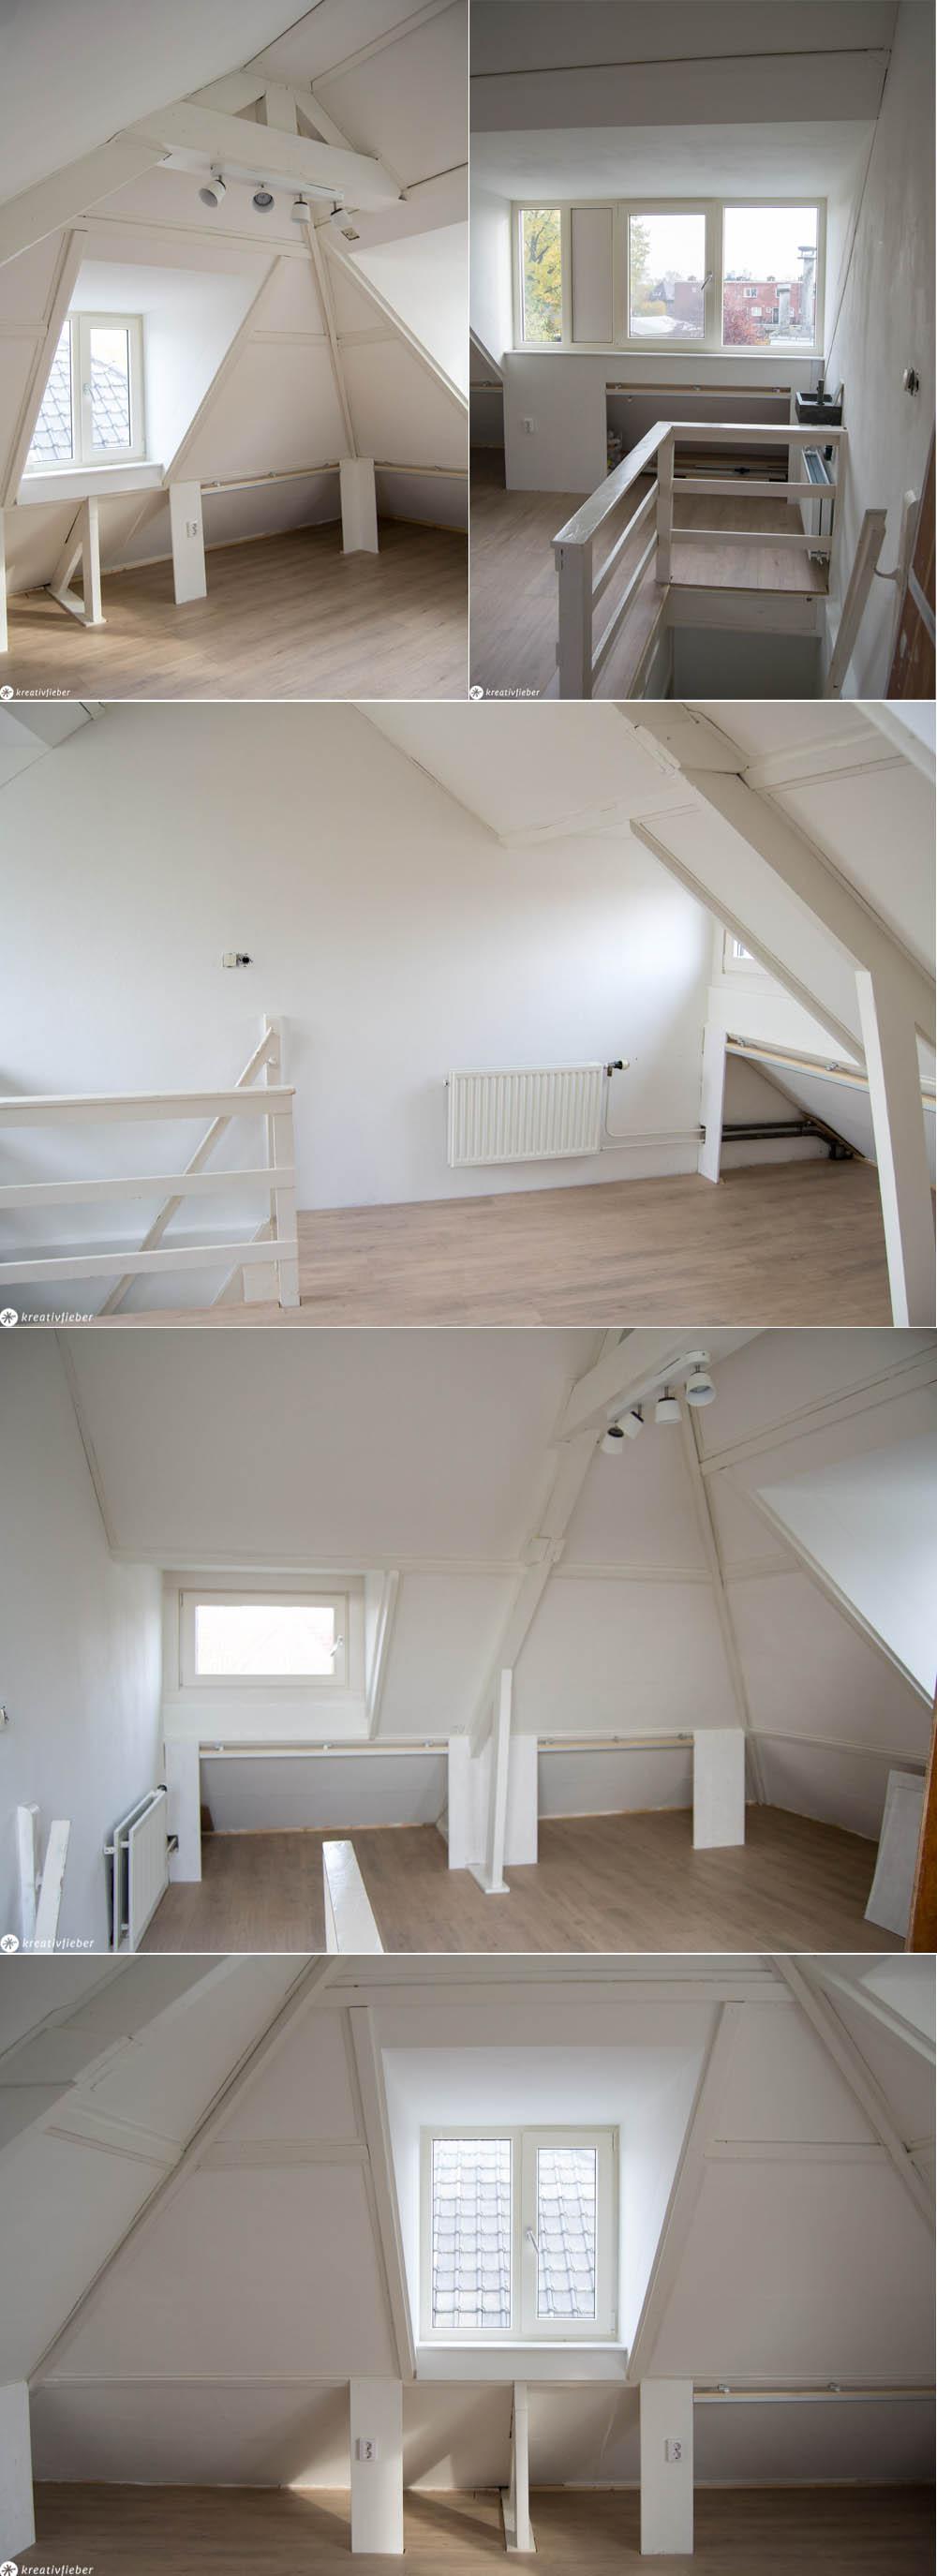 Dachboden Ausbau Dachgauben Homeoffice